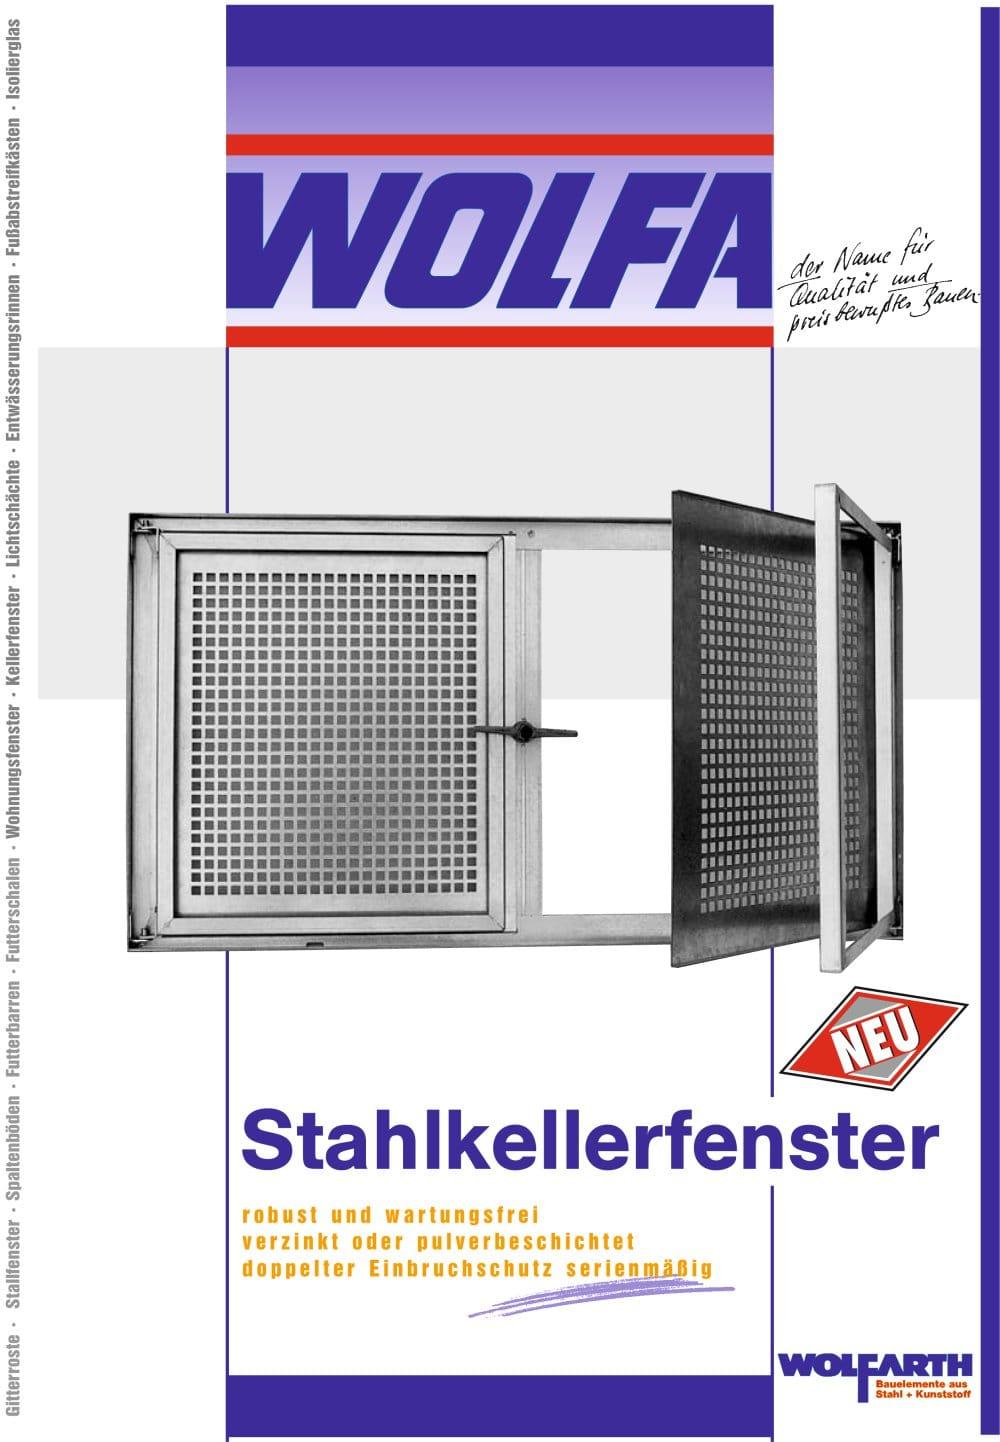 stahlkellerfenster - wolfa friedrich wolfarth gmbh & co. kg - pdf